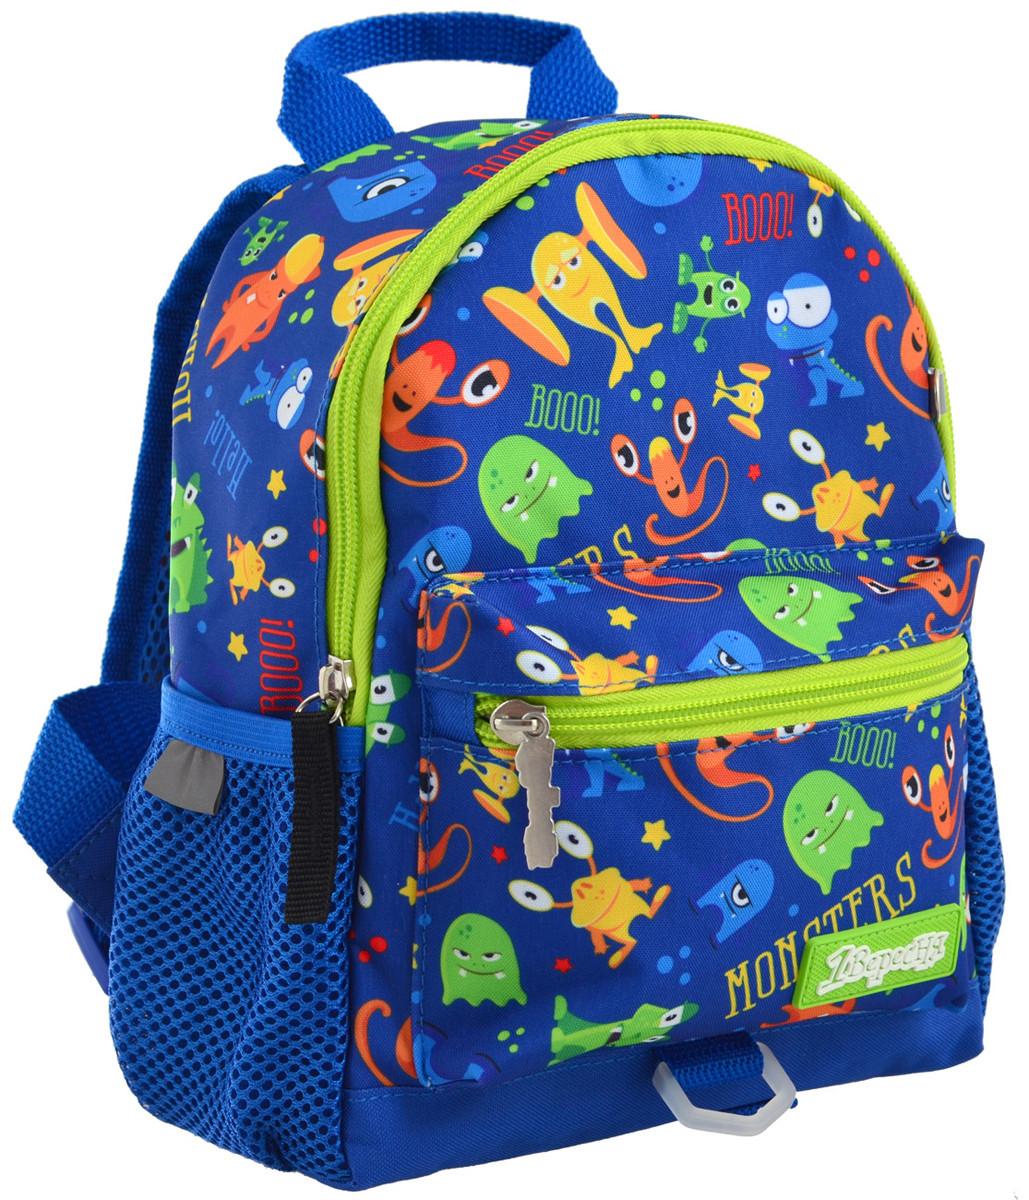 Рюкзак детский 1 Вересня K-16 Monsters Разноцветный (556579)